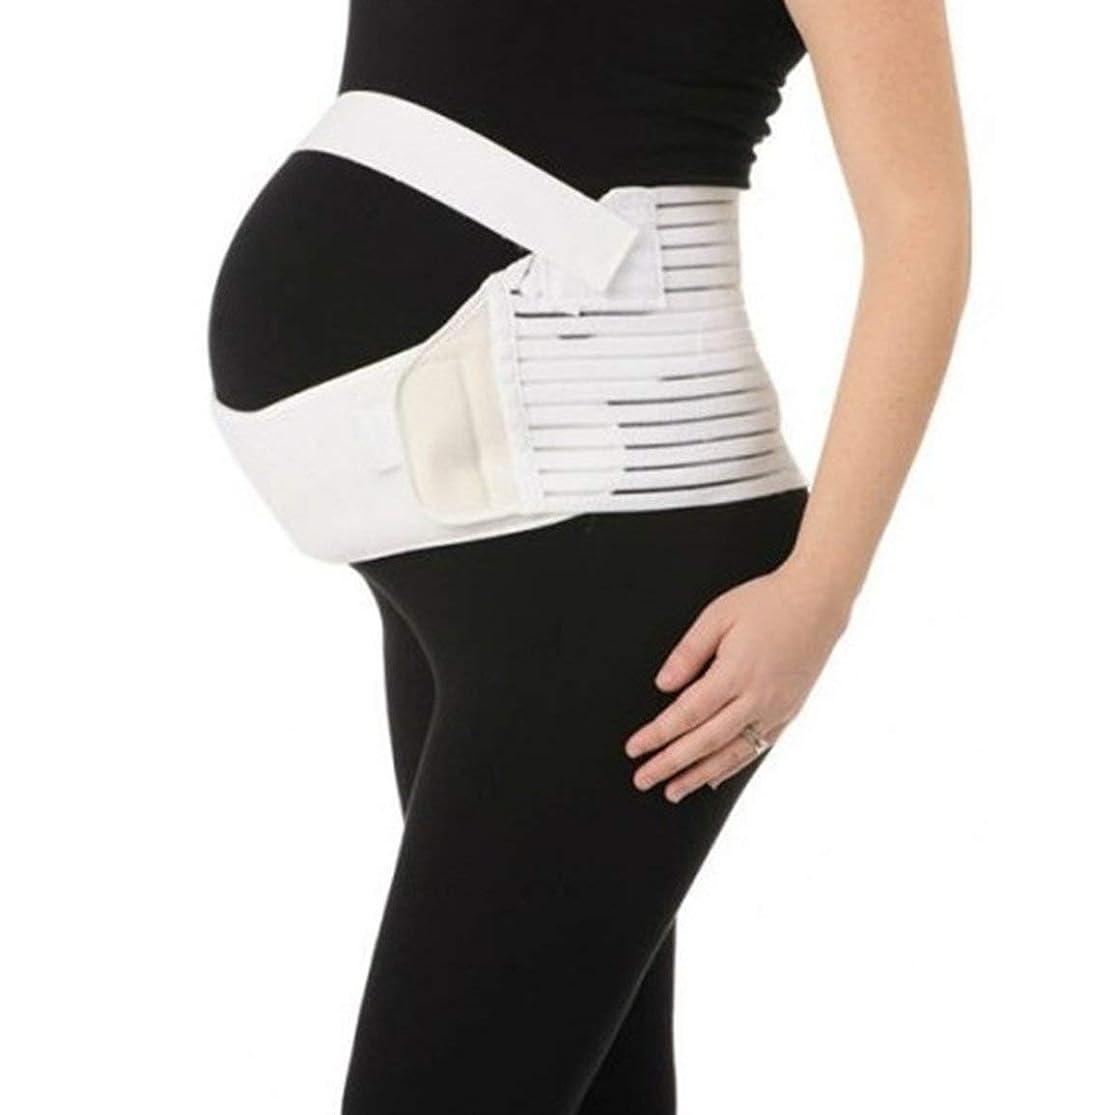 断線神チーム通気性産科ベルト妊娠腹部サポート腹部バインダーガードル運動包帯産後の回復形状ウェア - ホワイトM